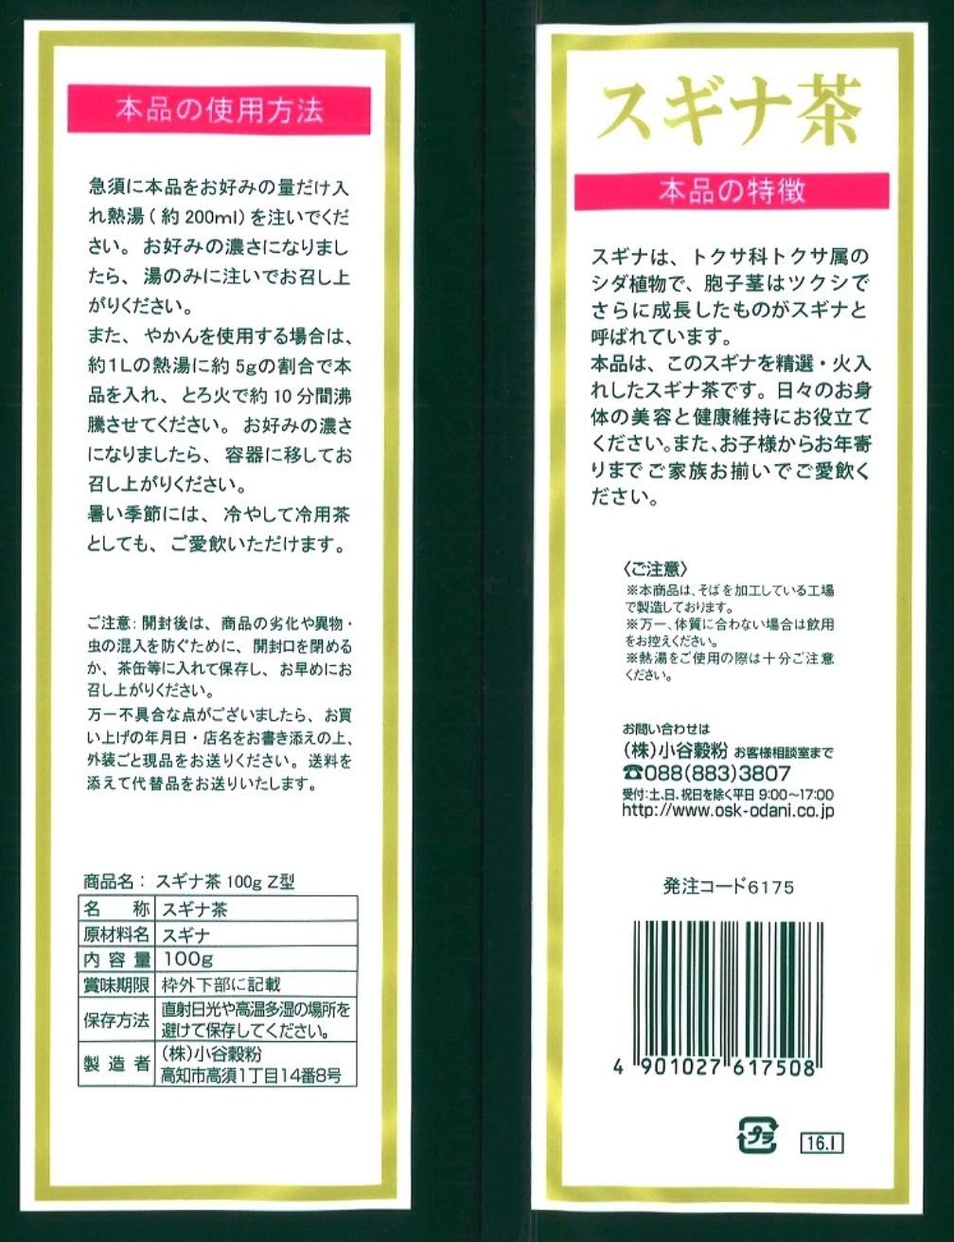 OSK(オーエスケー) スギナ茶の商品画像2